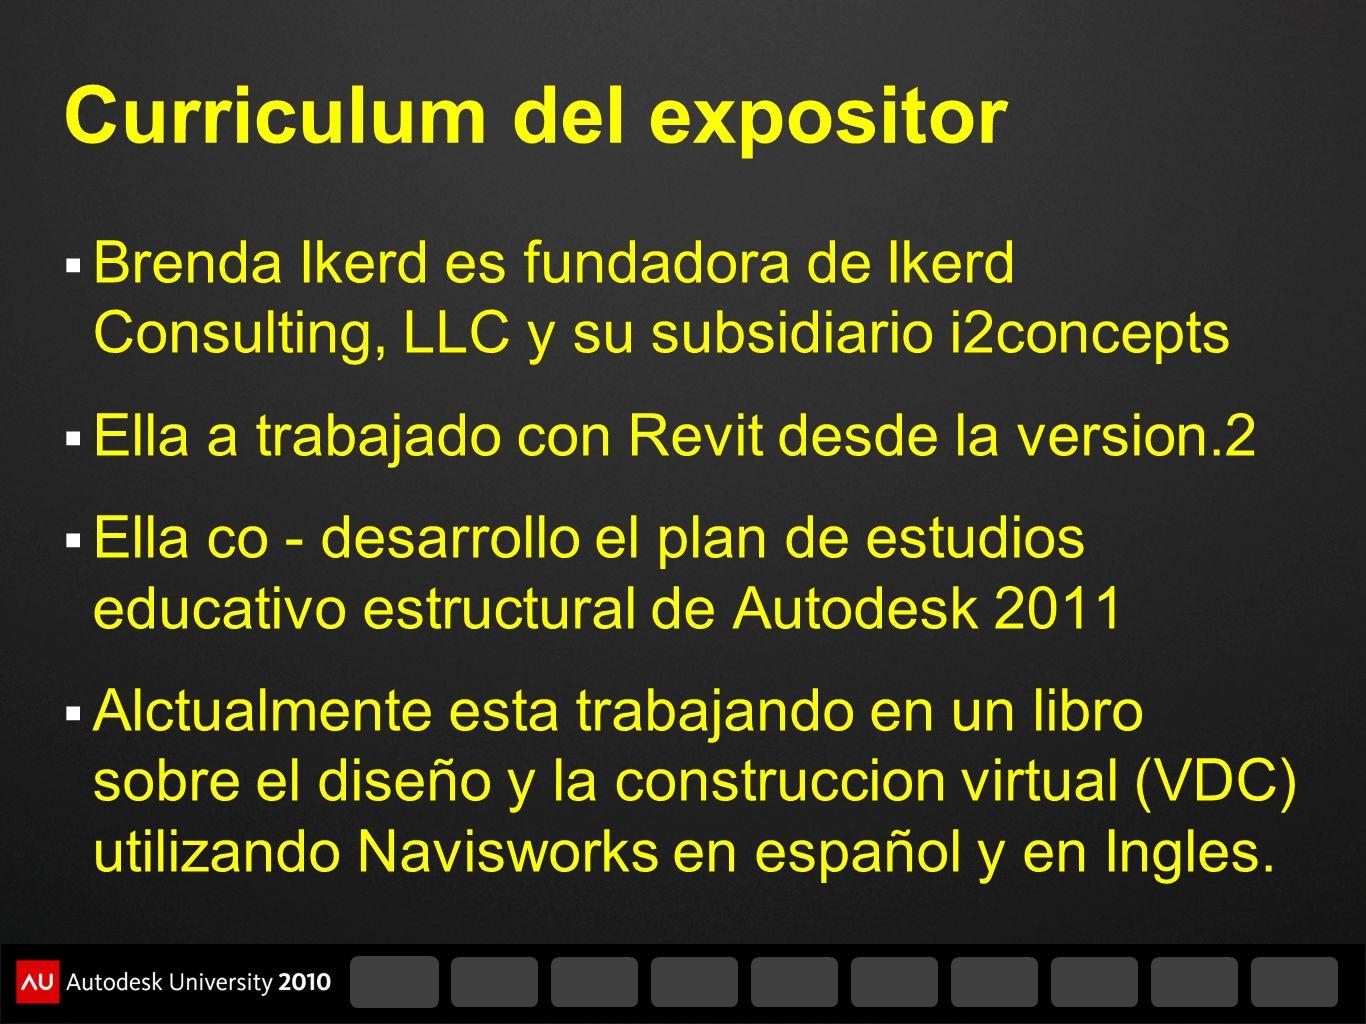 Curriculum del expositor Brenda Ikerd es fundadora de Ikerd Consulting, LLC y su subsidiario i2concepts Ella a trabajado con Revit desde la version.2